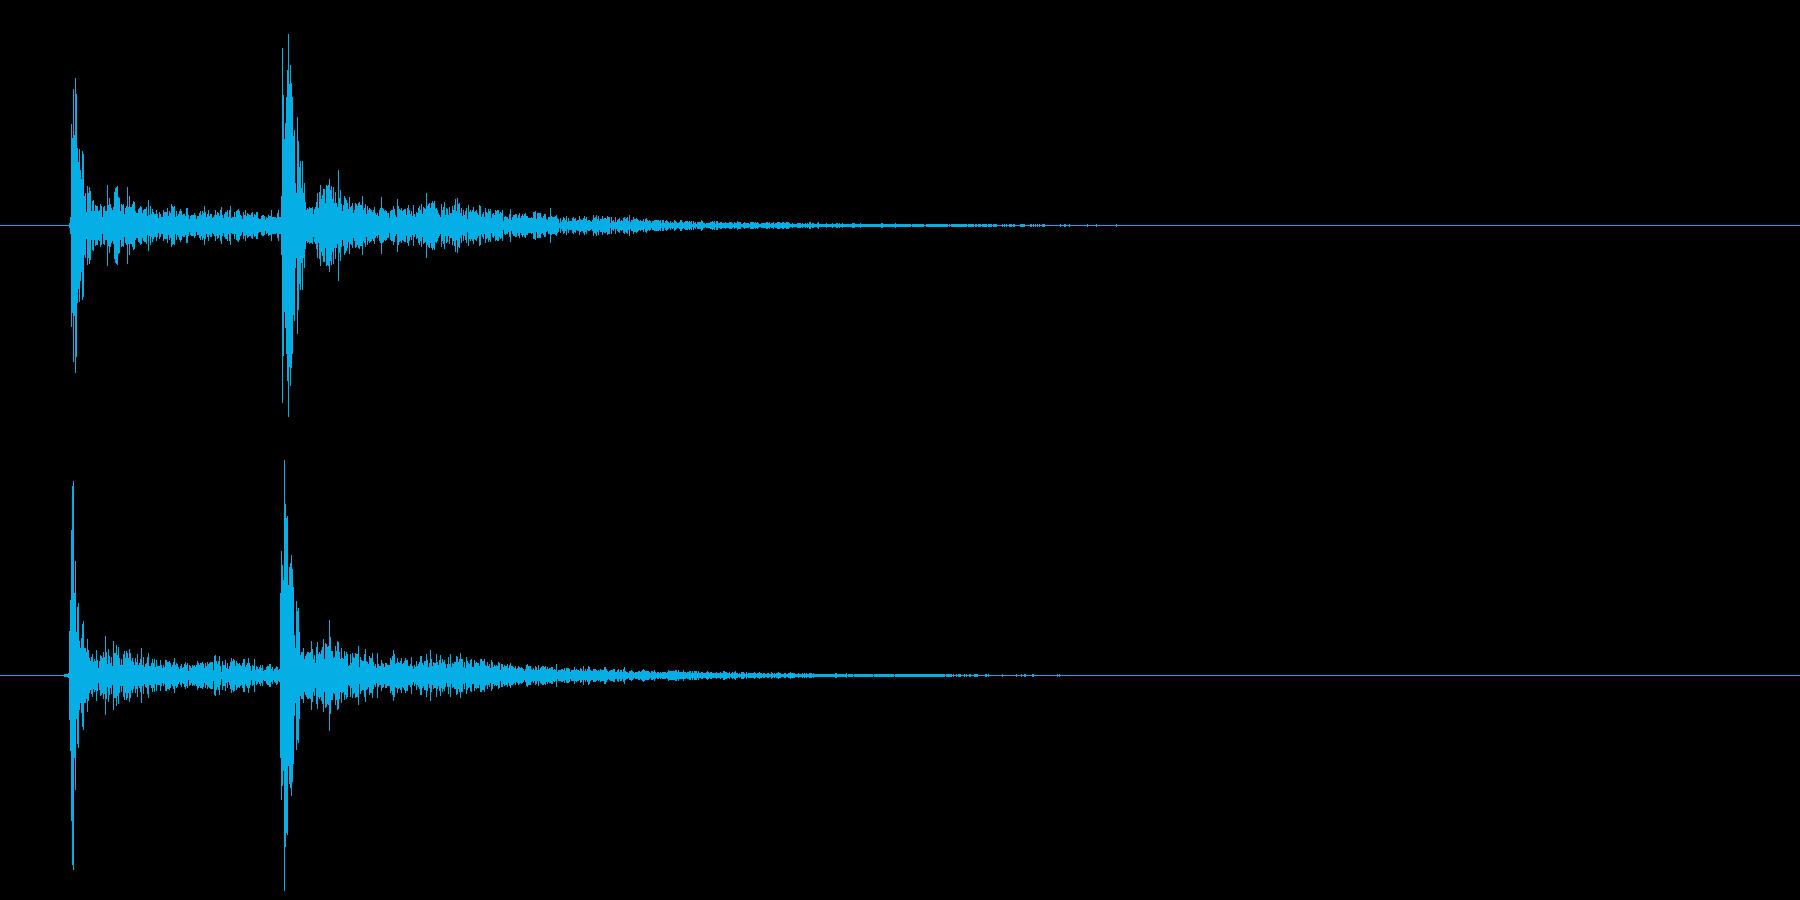 歌舞伎での立ち回り登場等の付け打ち単発音の再生済みの波形